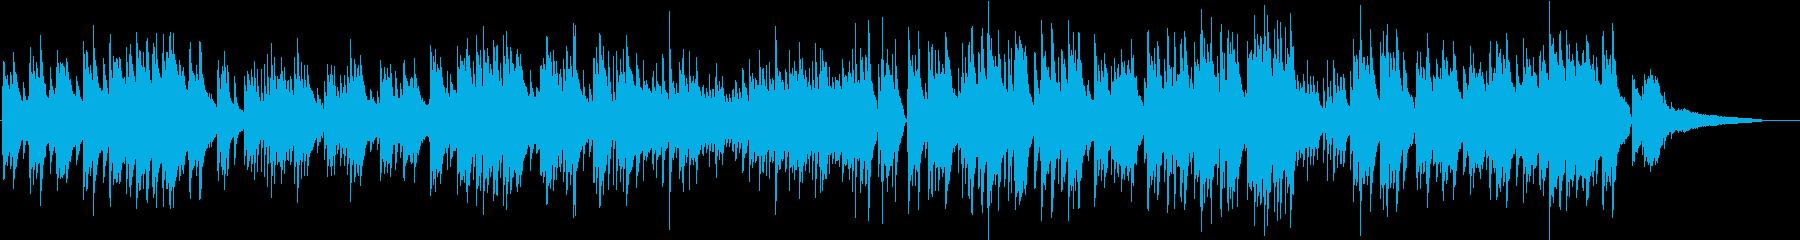 ジブリ風 琴線に触れるピアノバラードの再生済みの波形